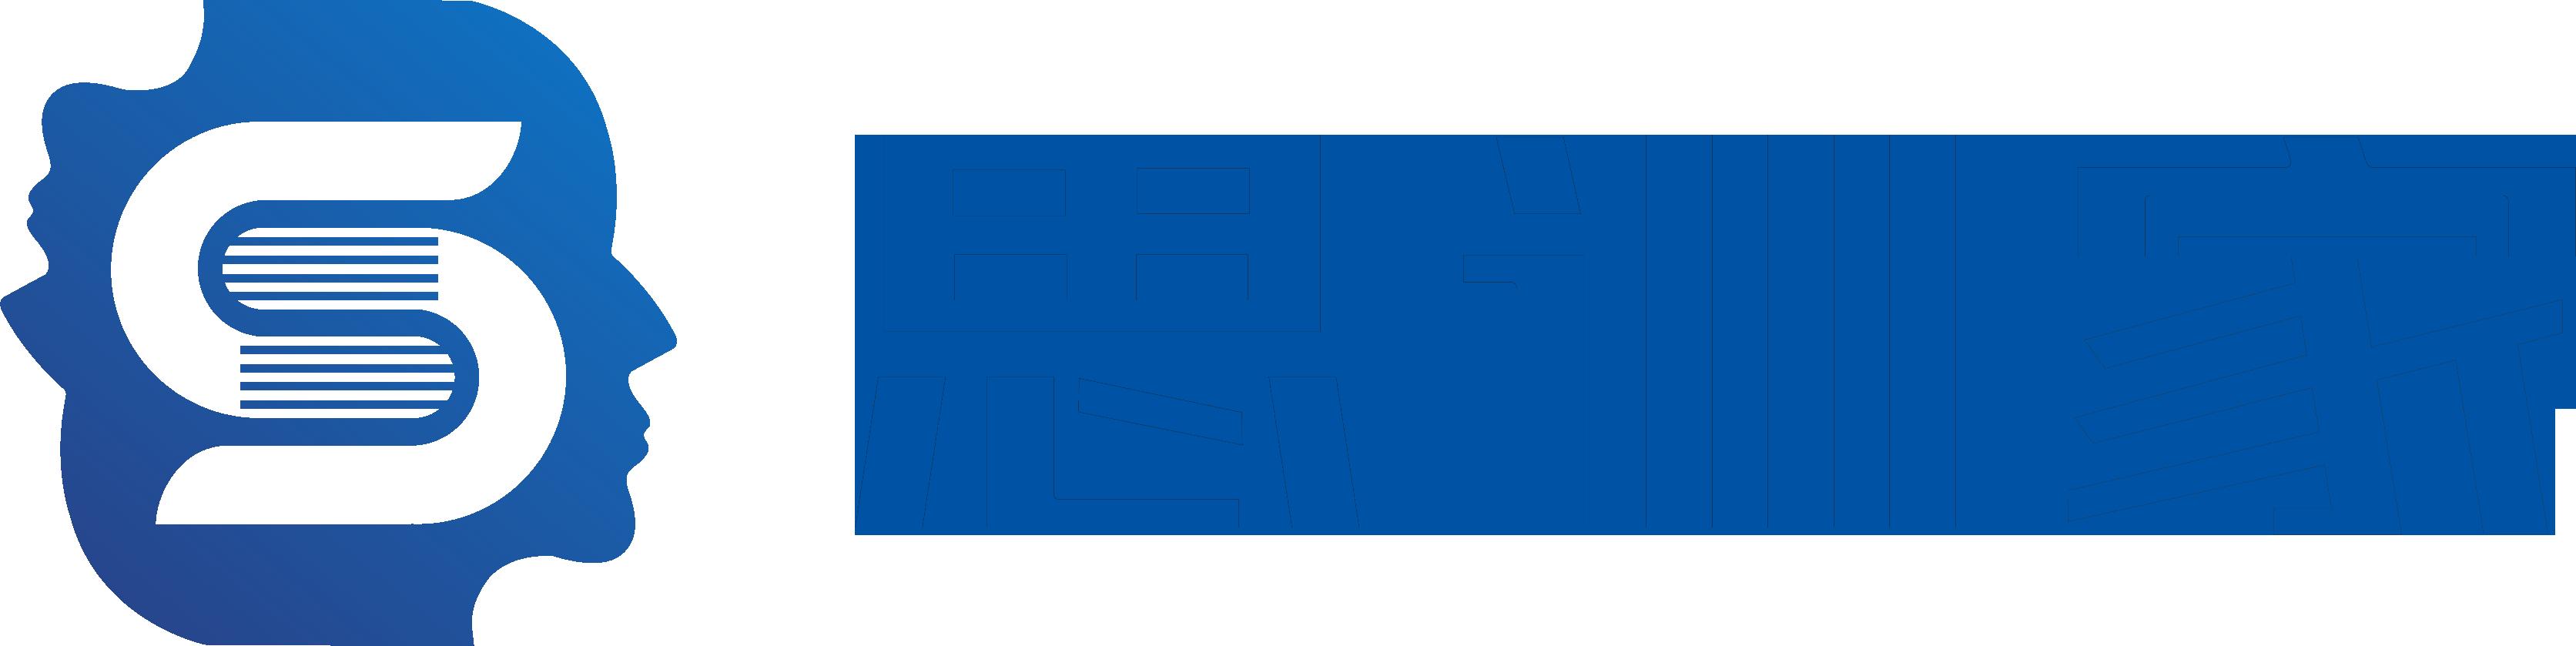 四川思训家文化传播有限公司